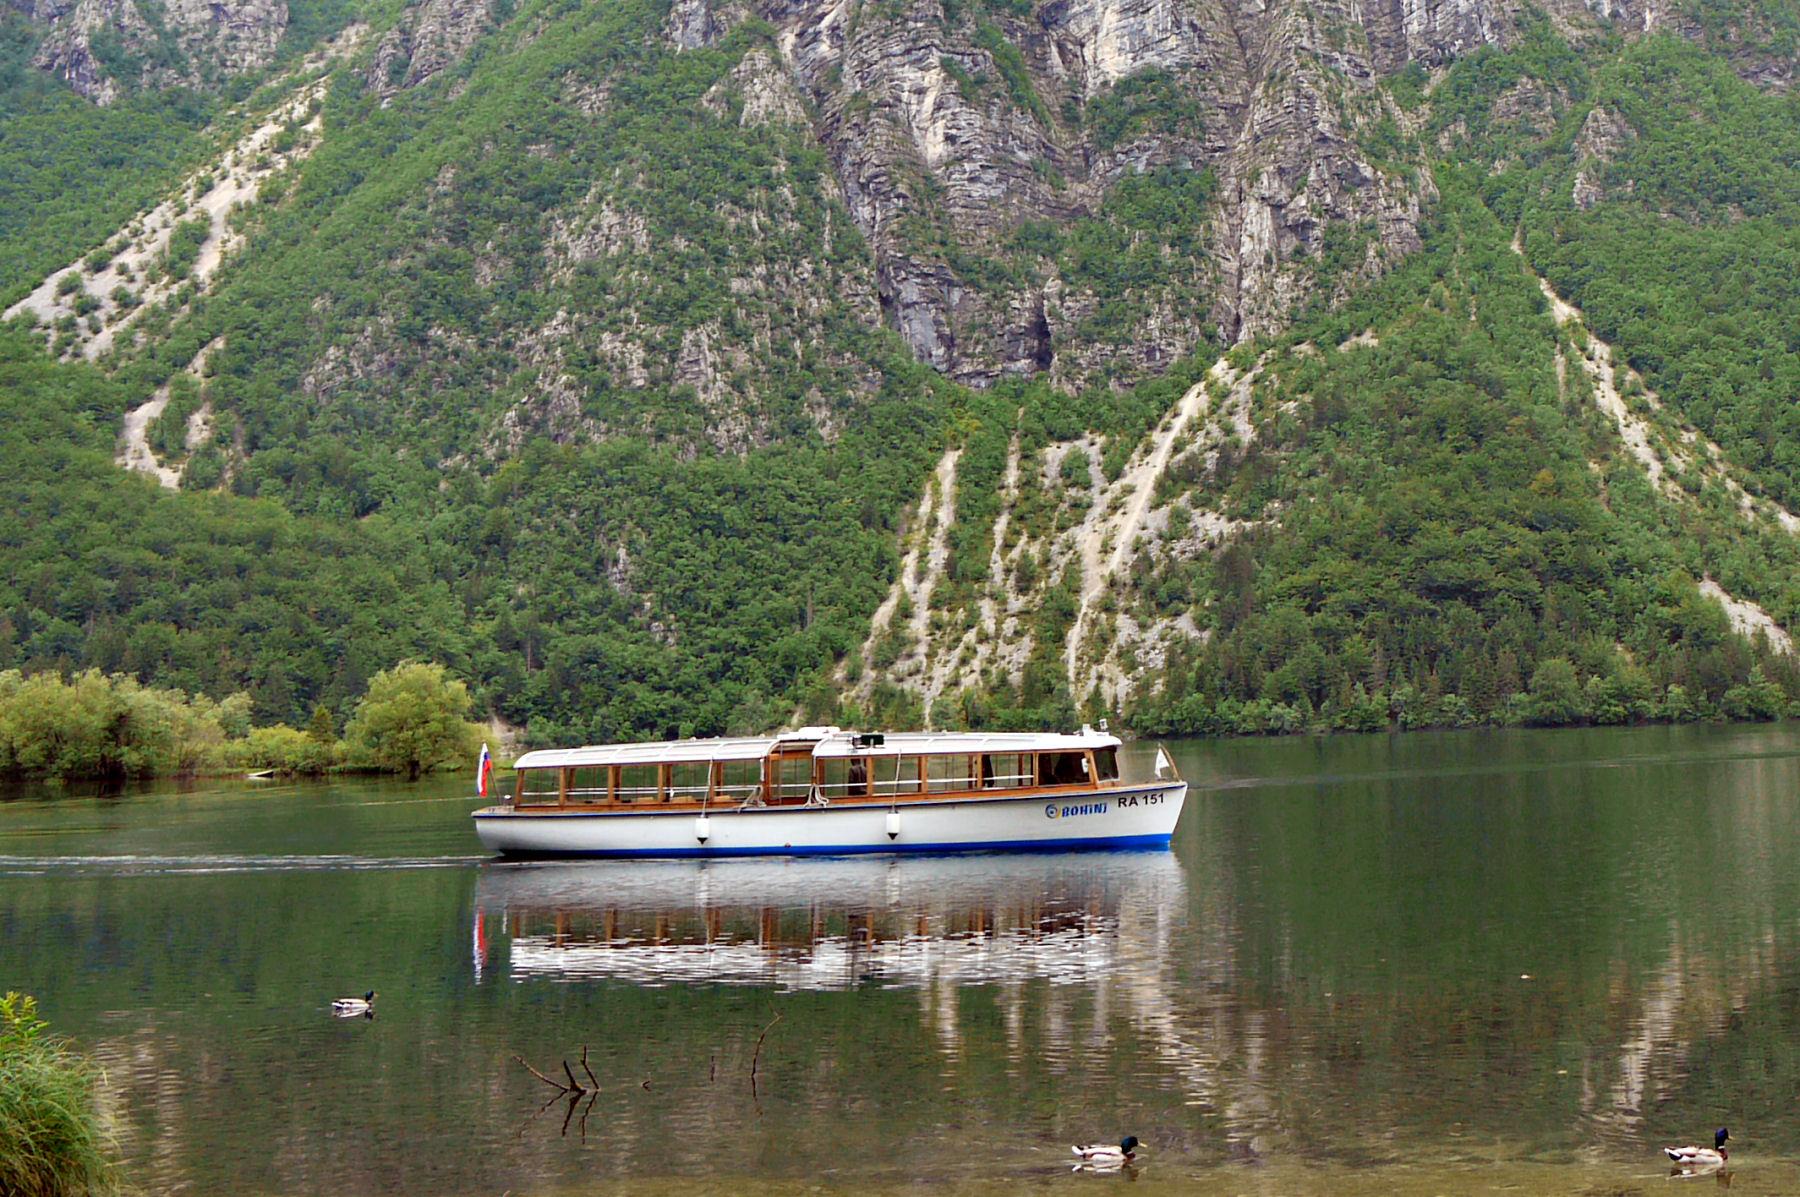 lake-bohinj-tourist-boat-ducks